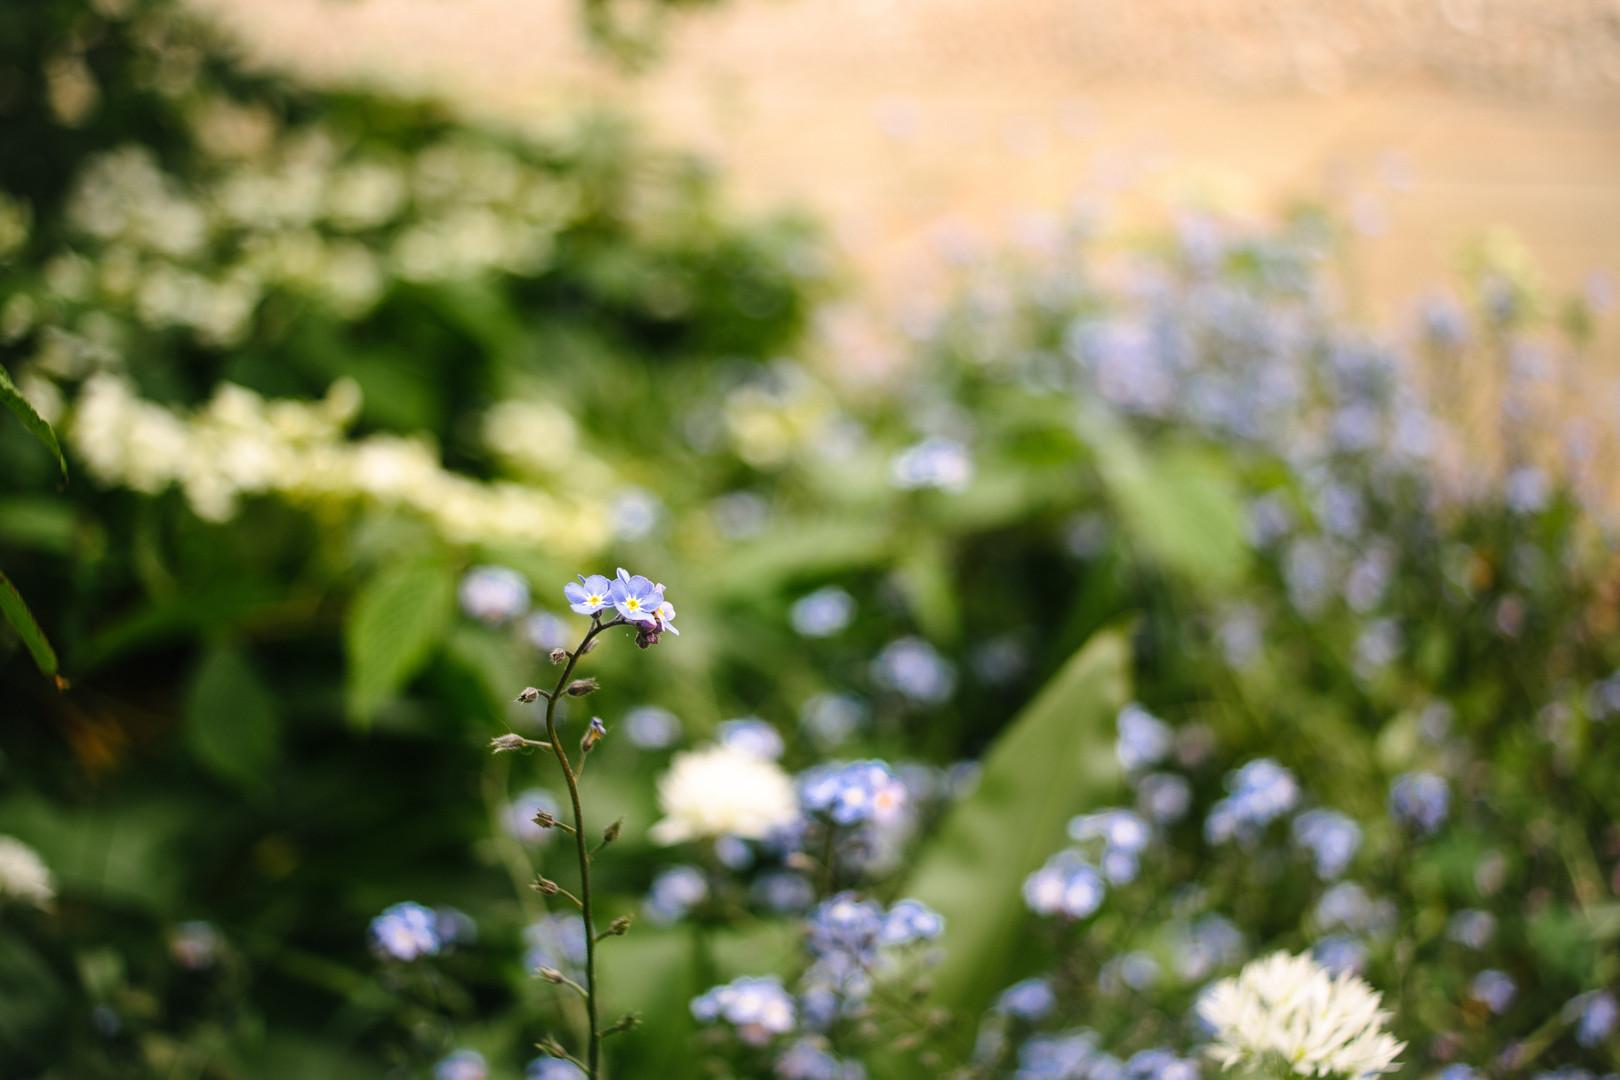 Merton Oxford gardens smaller file size-